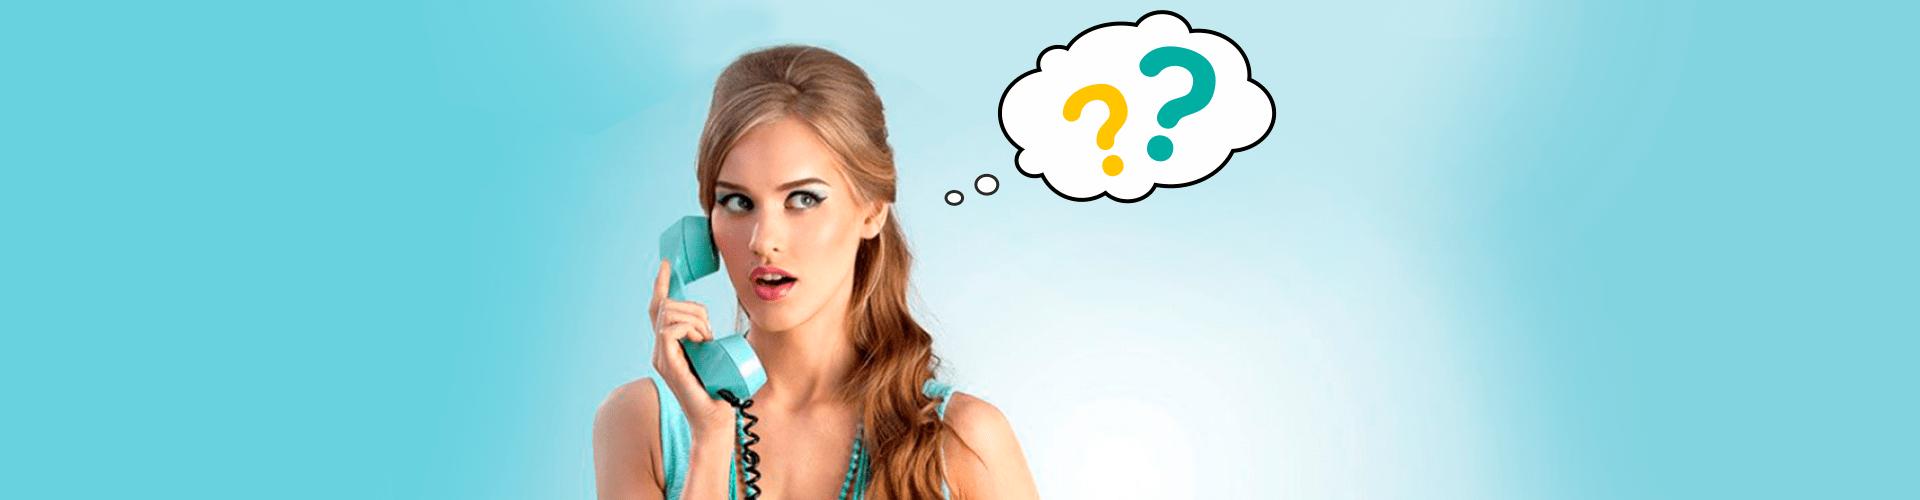 6 проверенных способов избавиться от звонков из банков